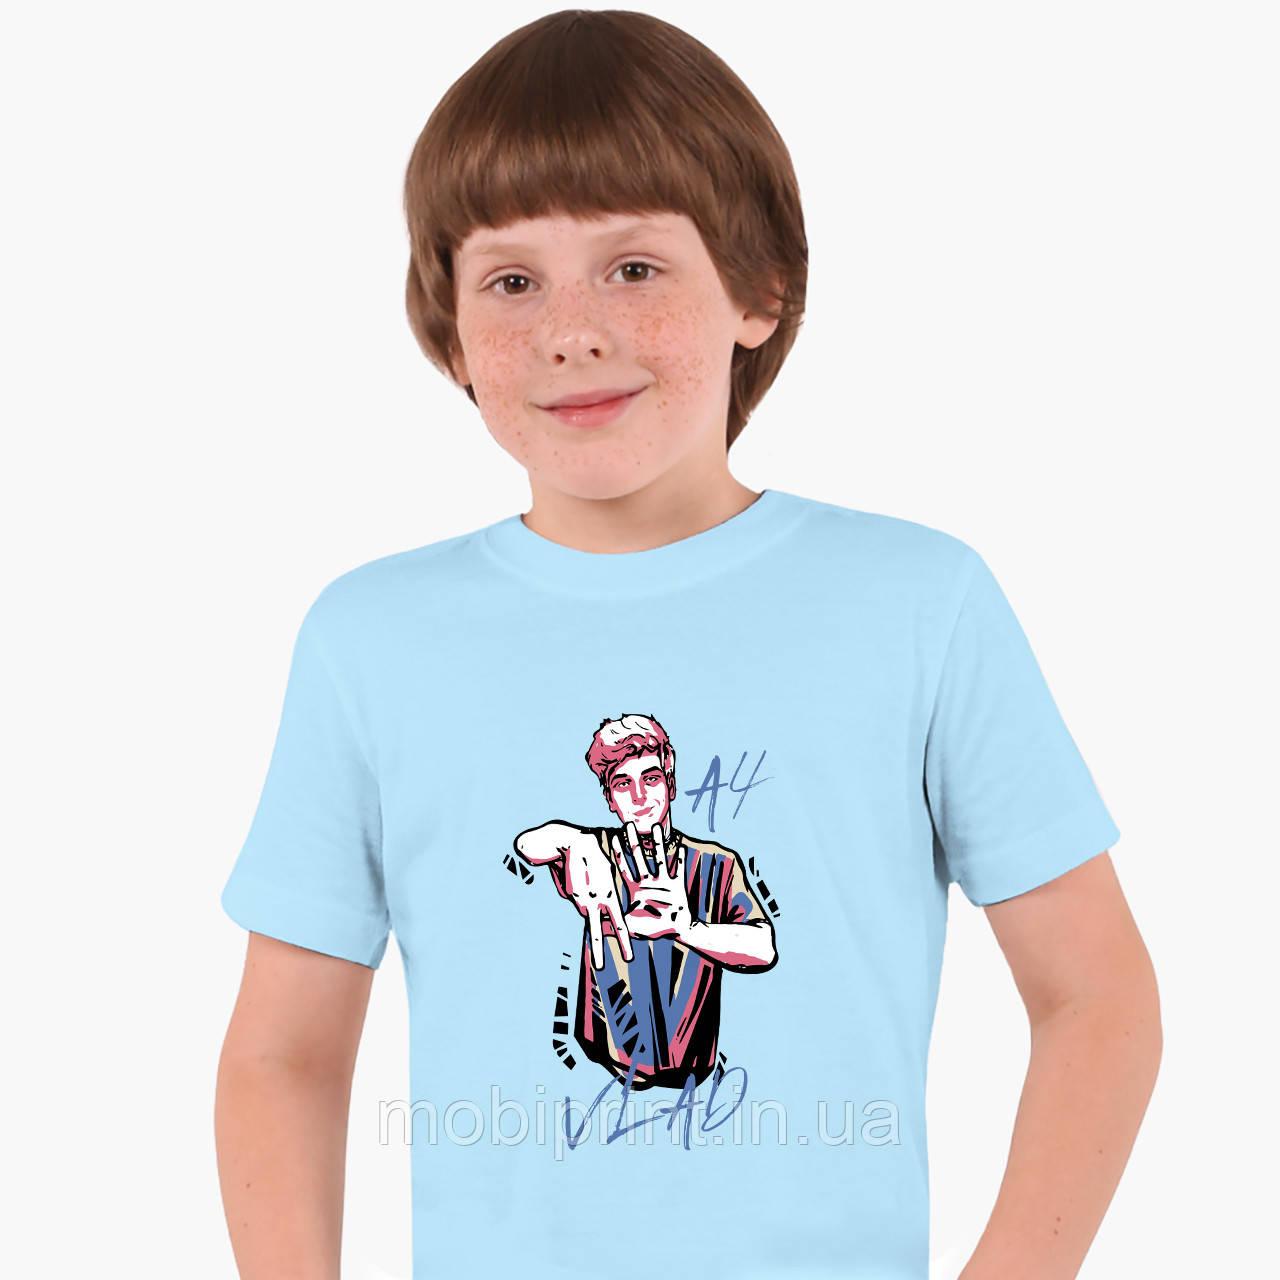 Детская футболка для мальчиков блогер Влад Бумага А4 (blogger Vlad A4) (25186-2621) Голубой